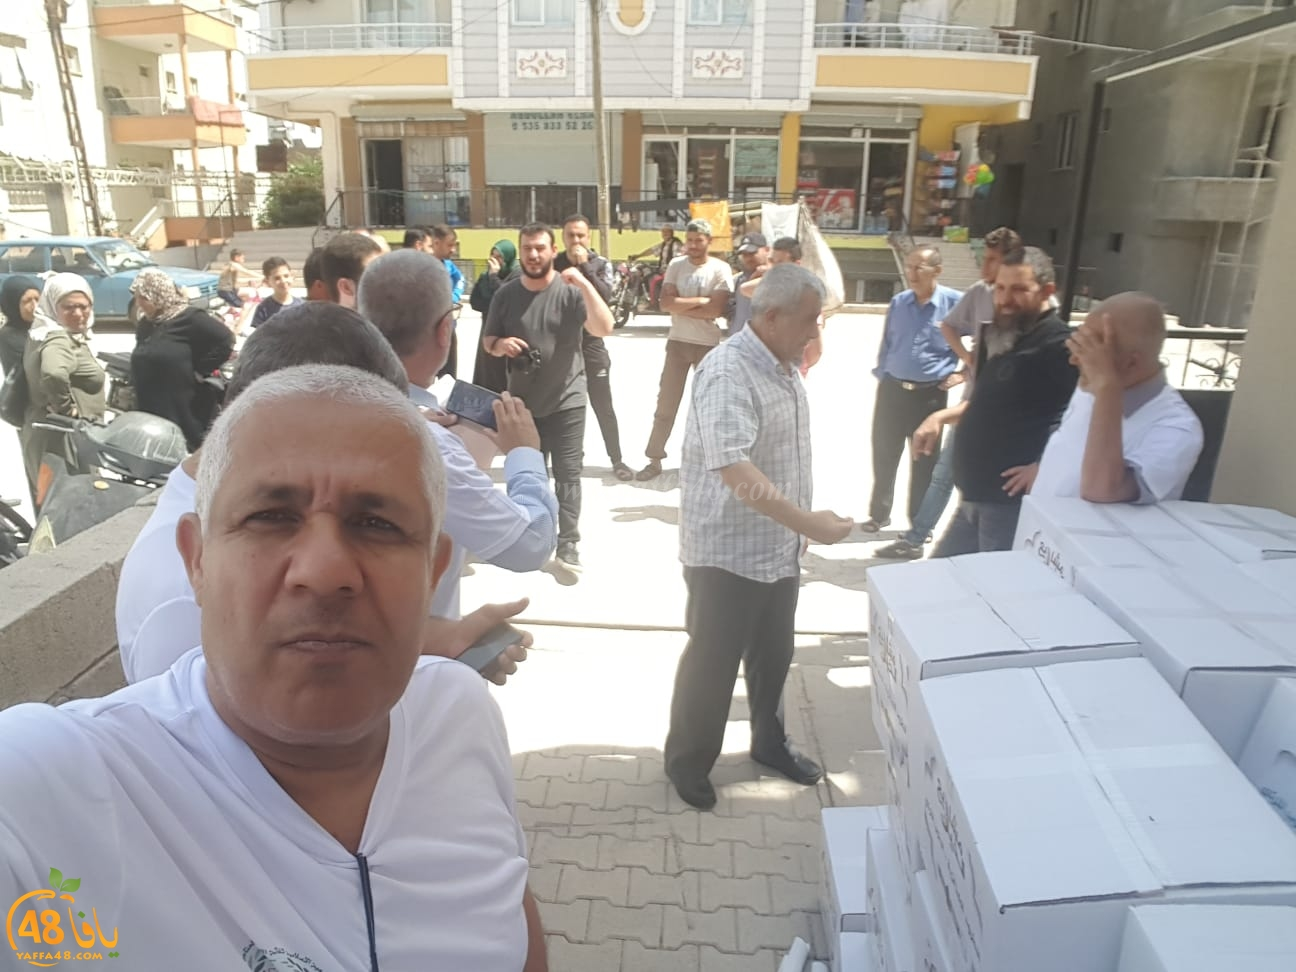 بالصور: الحاج علي ميناوي من يافا يُشرف على ايصال المساعدات الاغاثية للاجئين السوريين